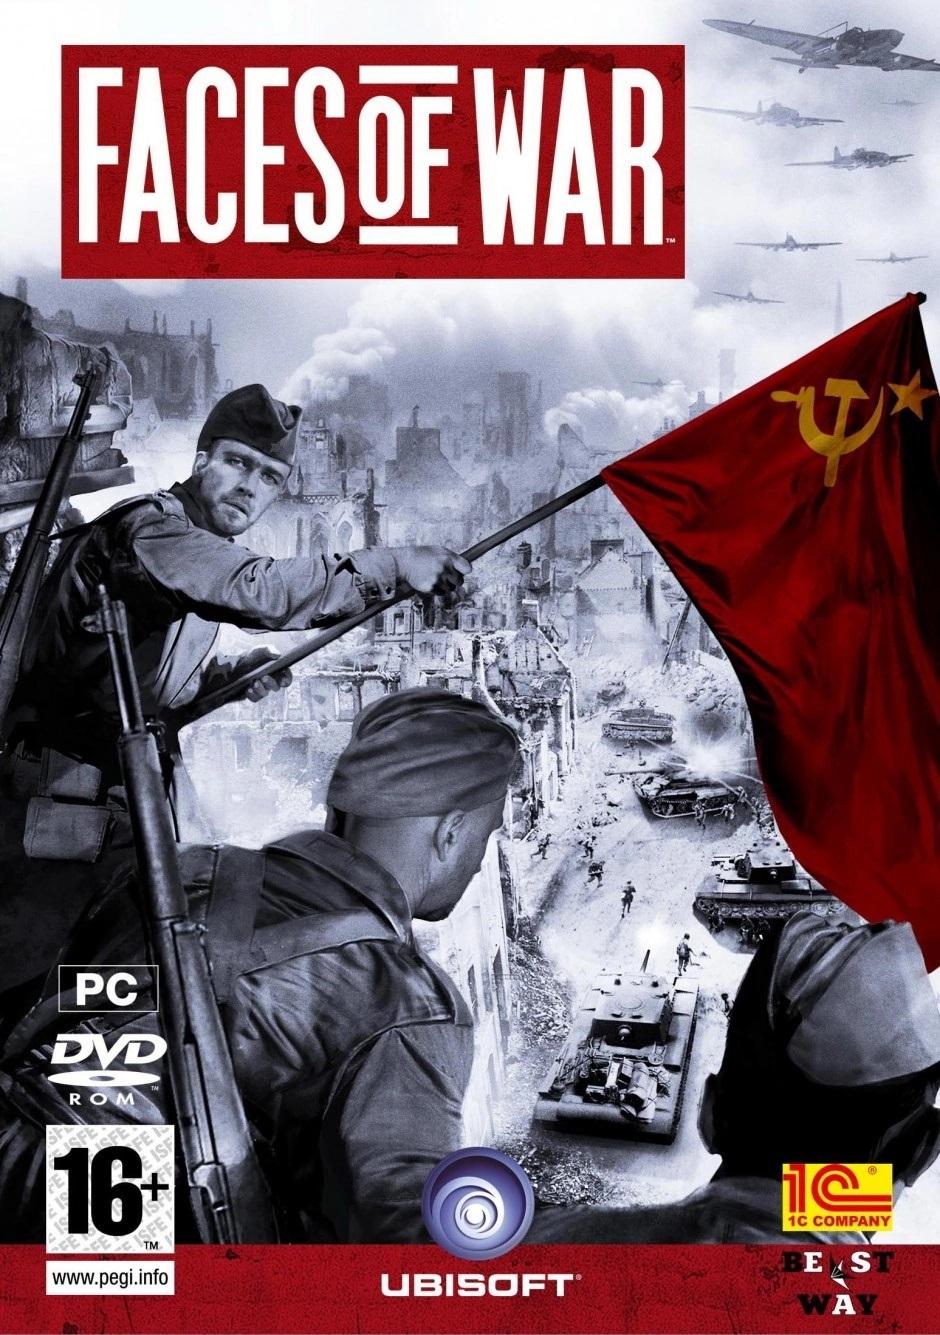 Скачать В тылу врага 2 | Faces of War (1.04.1) — бесплатно